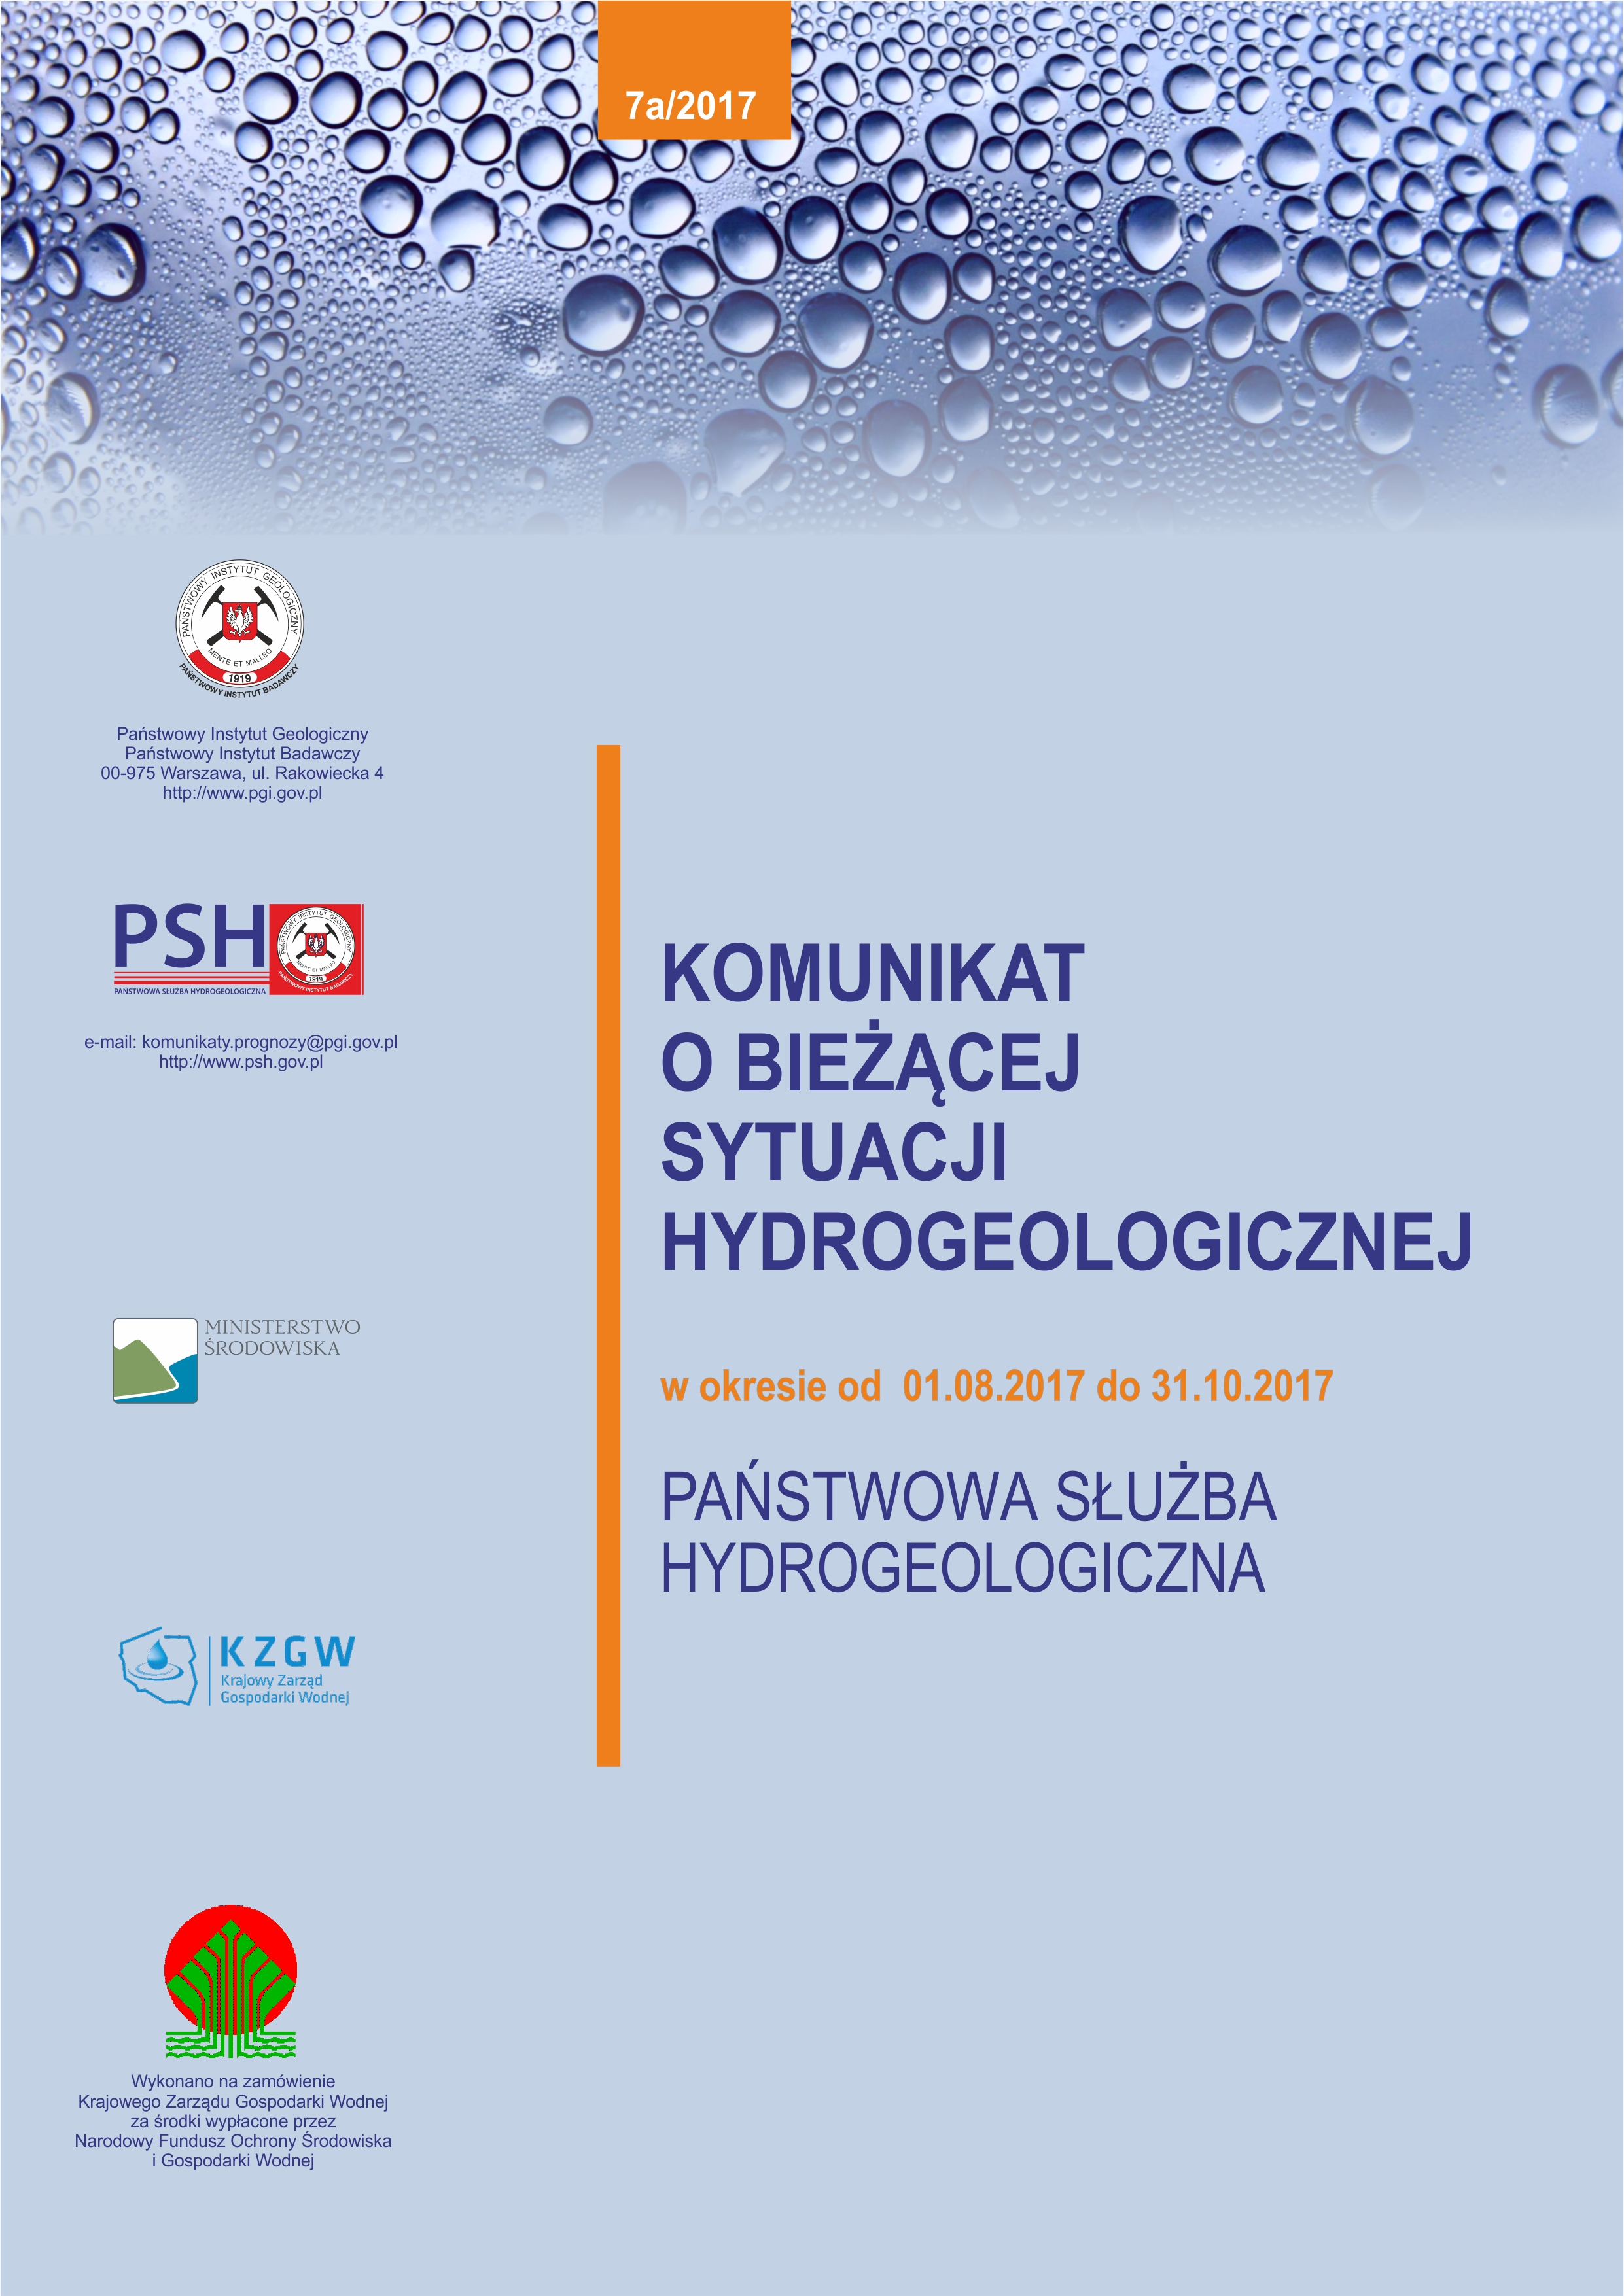 Komunikat o bieżącej sytuacji hydrogeologicznej w okresie 01.08.2017 - 31.10.2017